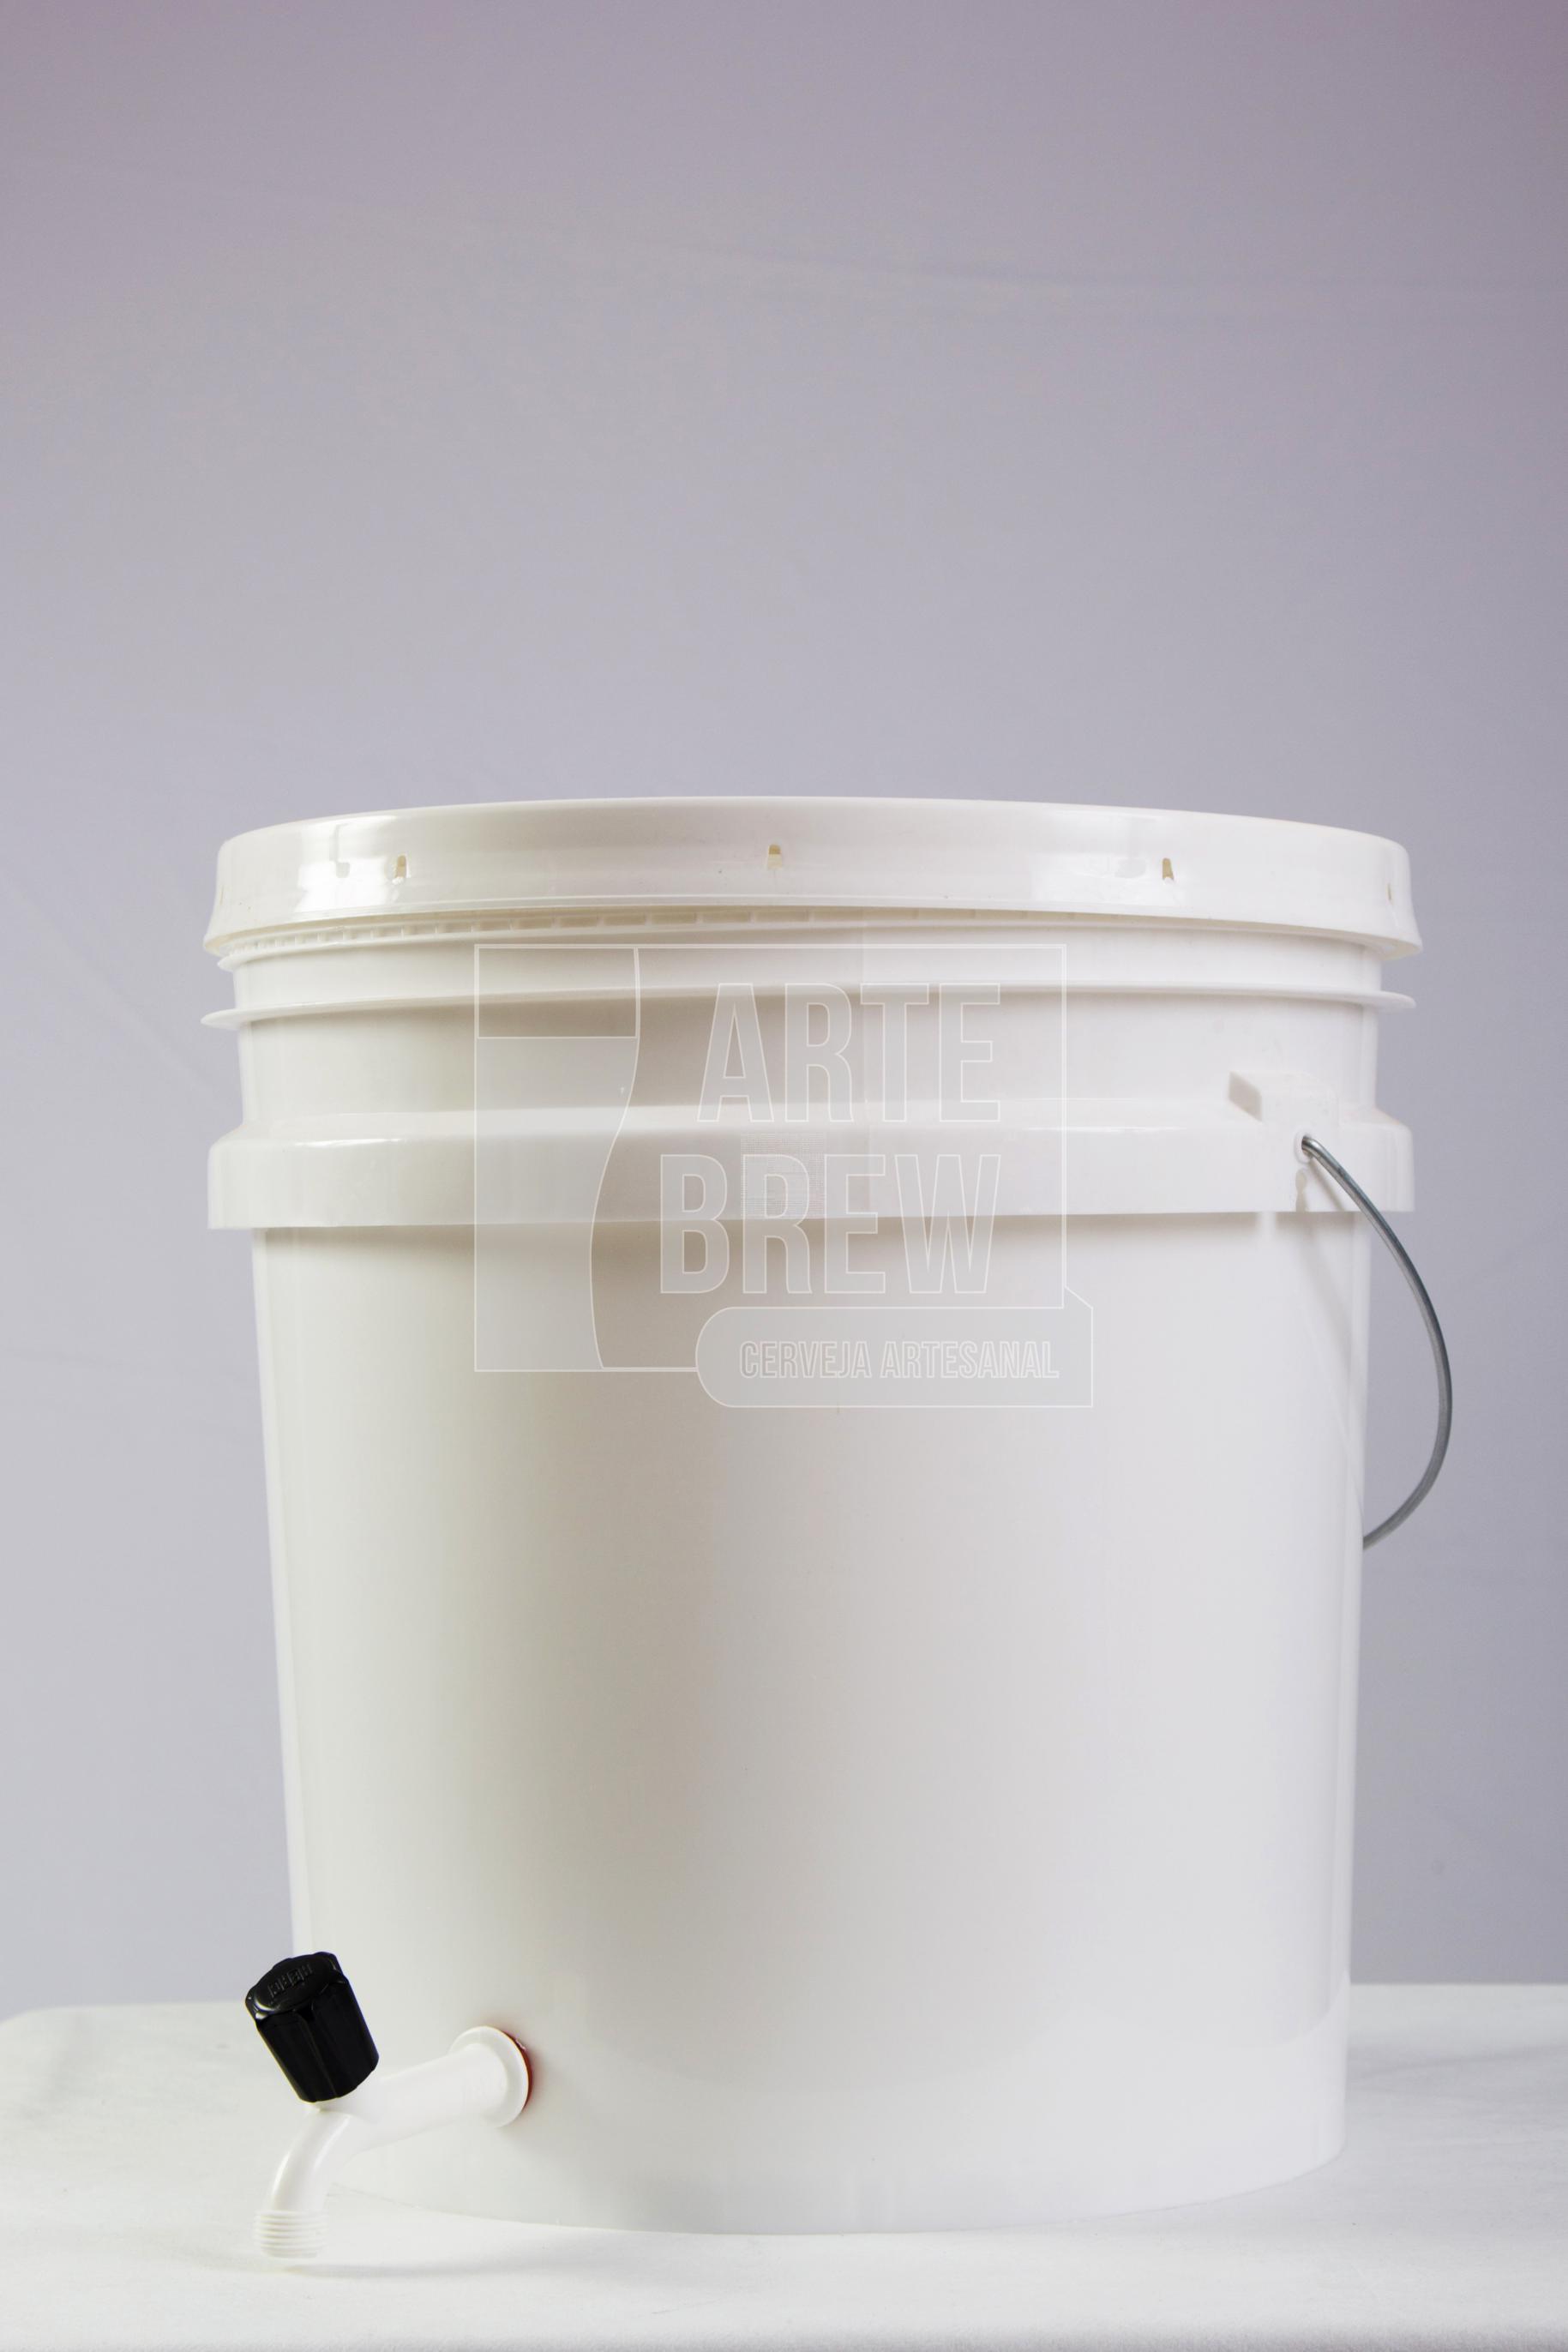 Balde Fermentador/Maturador - 22 litros - Com torneira